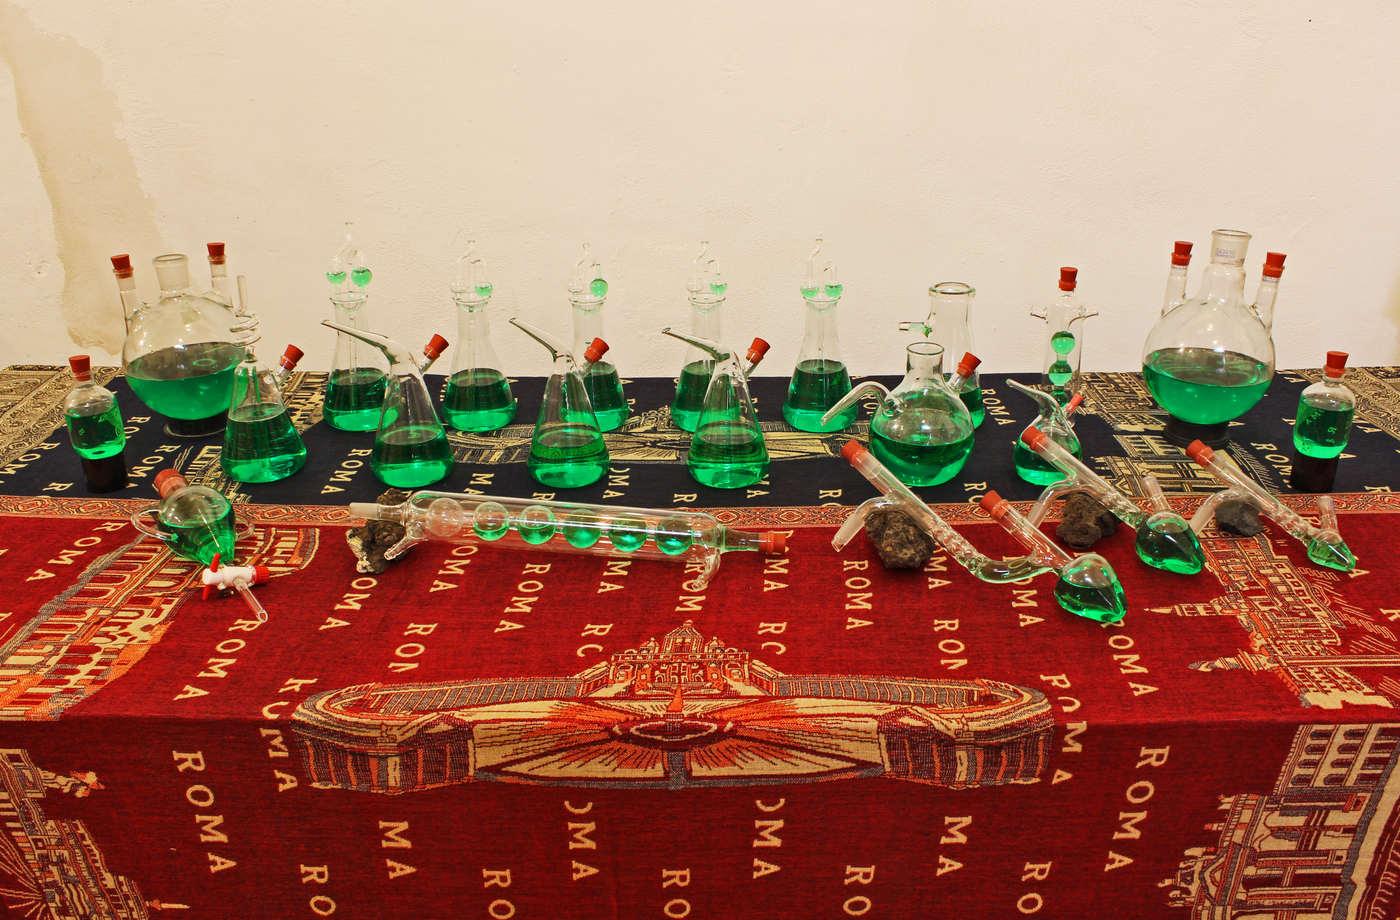 HawtShow_Leonardo Petrucci_2016 - Prendete e bevetene tutte - Vetro e cocktail Leon Hard e tovaglie di Roma